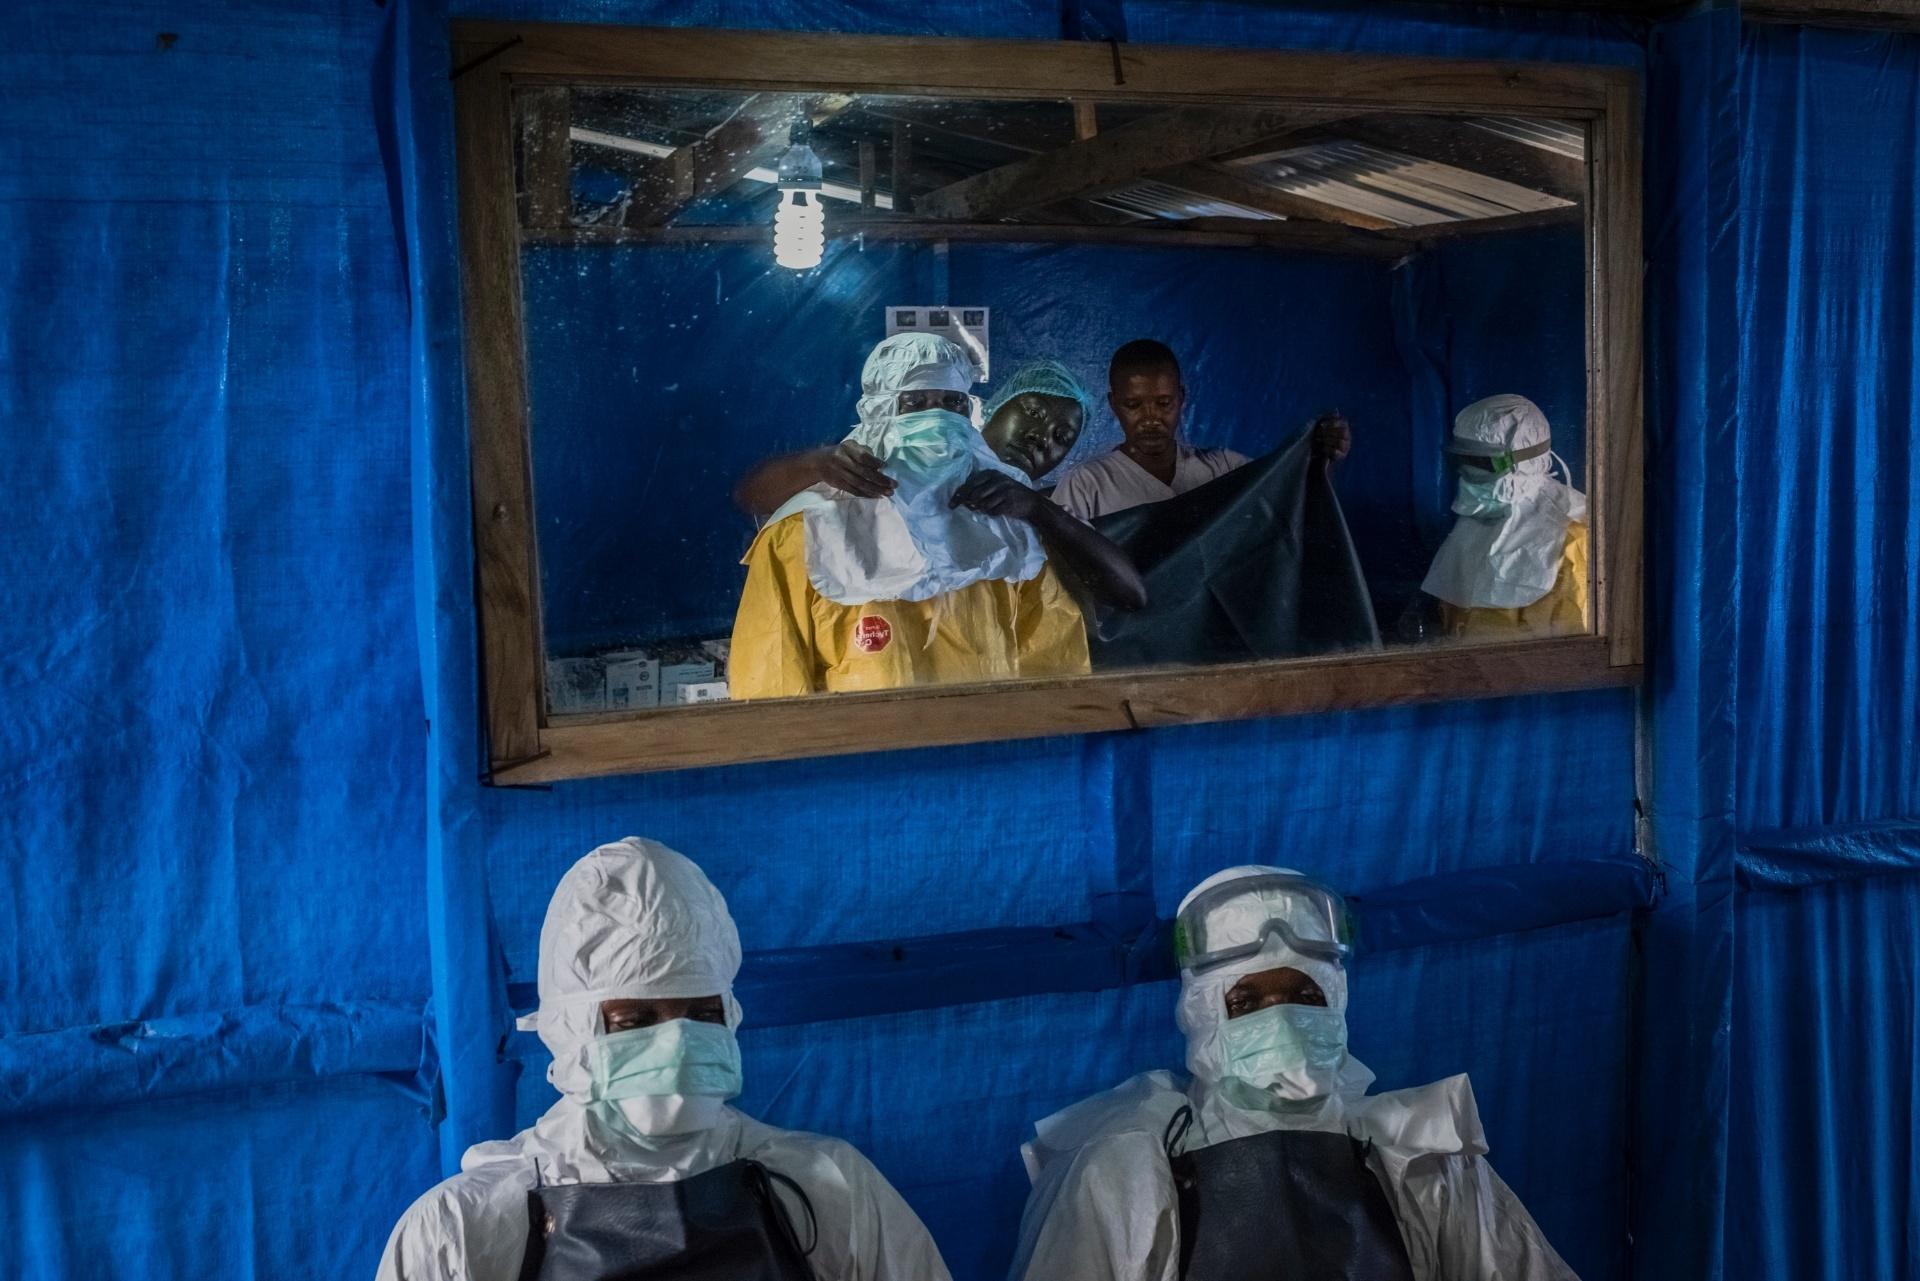 Enfermeiros recebem ajuda para colocar roupas protetoras antes de entrar na área de alto risco onde são tratados doentes com ebola na Unidade de Tratamento de Ebola no Condado de Bong em Sgt. Kollie Tow, na Libéria